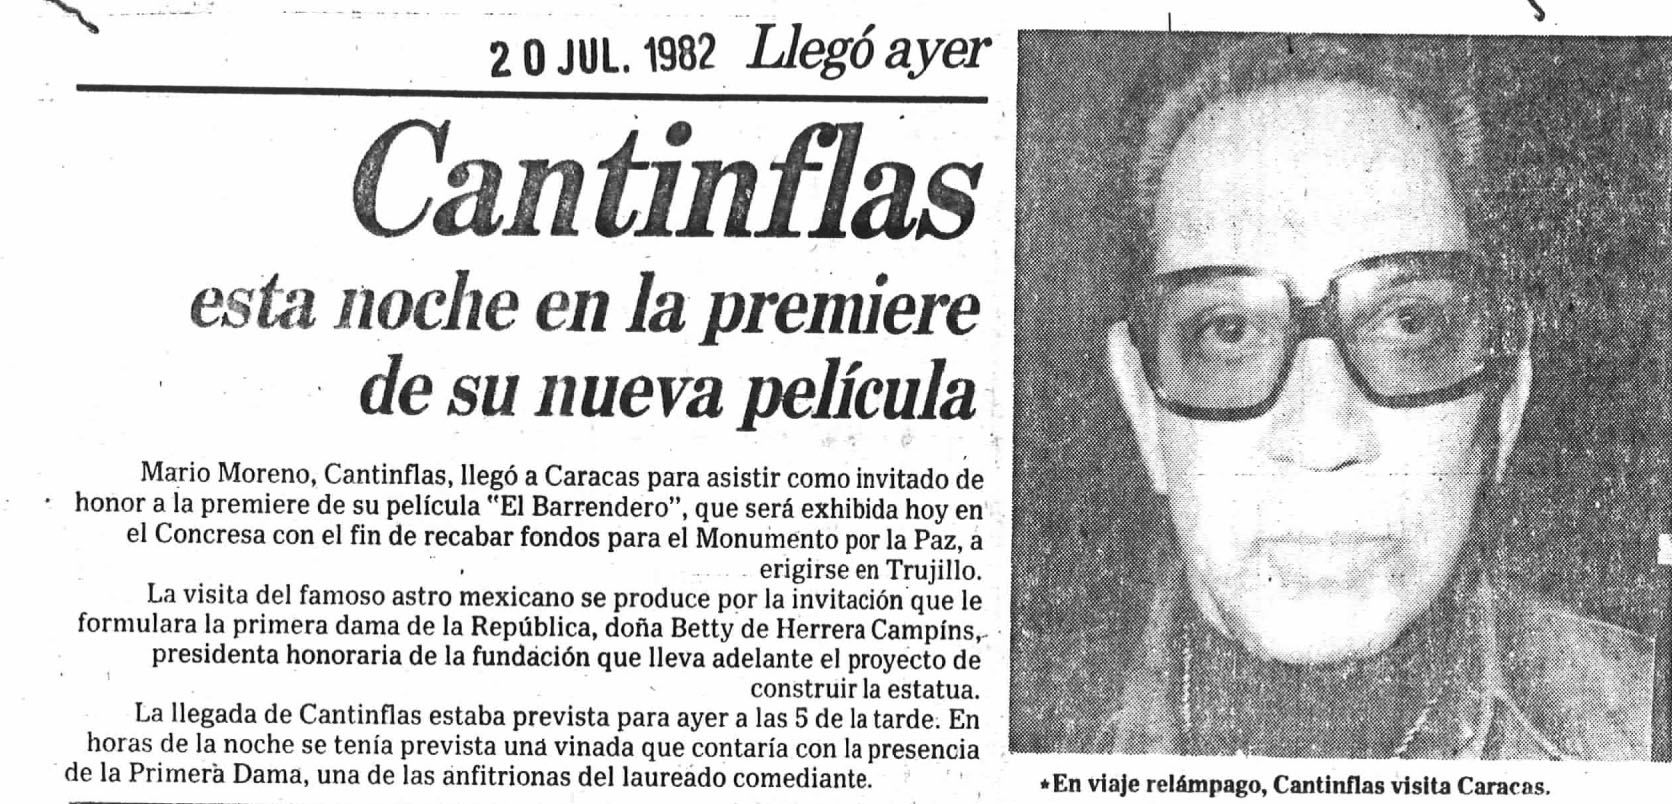 """Mario Moreno """"Cantinflas"""" en la premiere de la película """"El Barrendero"""". Publicado el 20 de julio de 1982."""